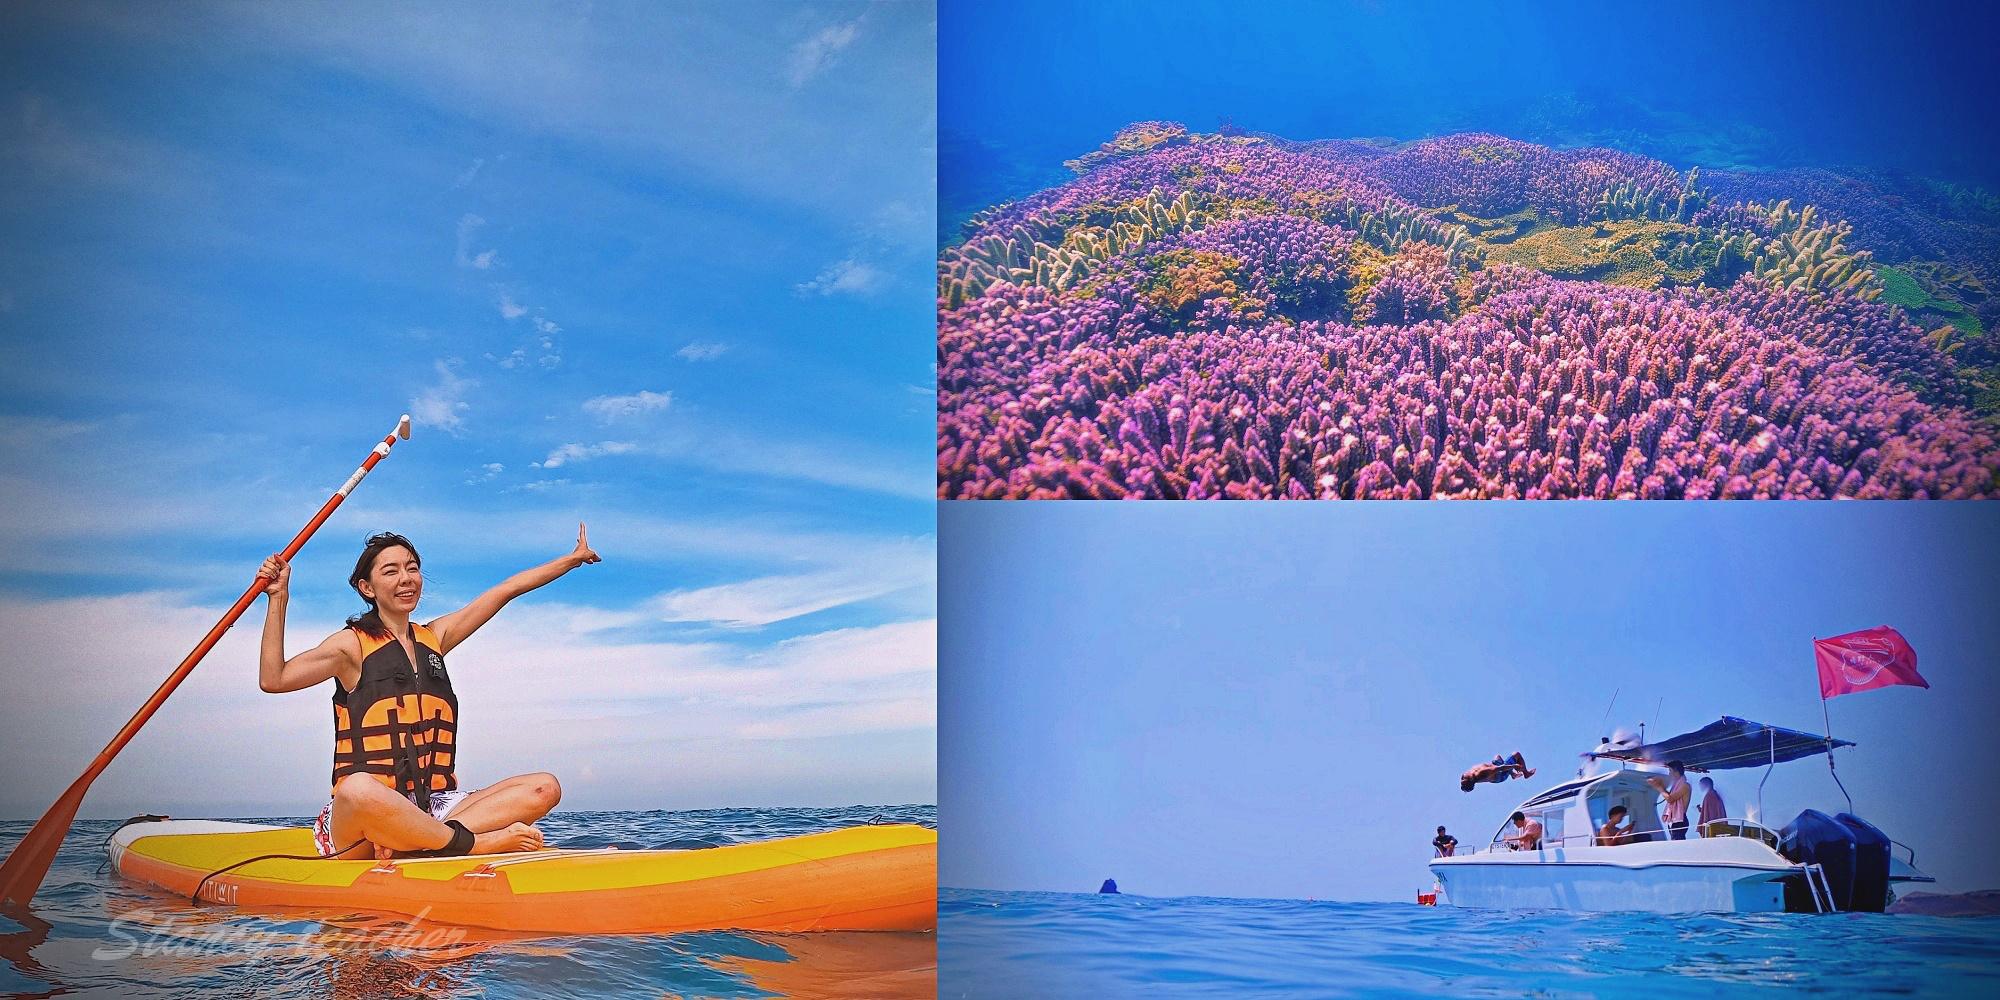 蠔野人育樂 Oyster BROS|澎湖南方四島一日遊|澎湖浮濳行程|東吉薰衣草森林|澎湖藍洞